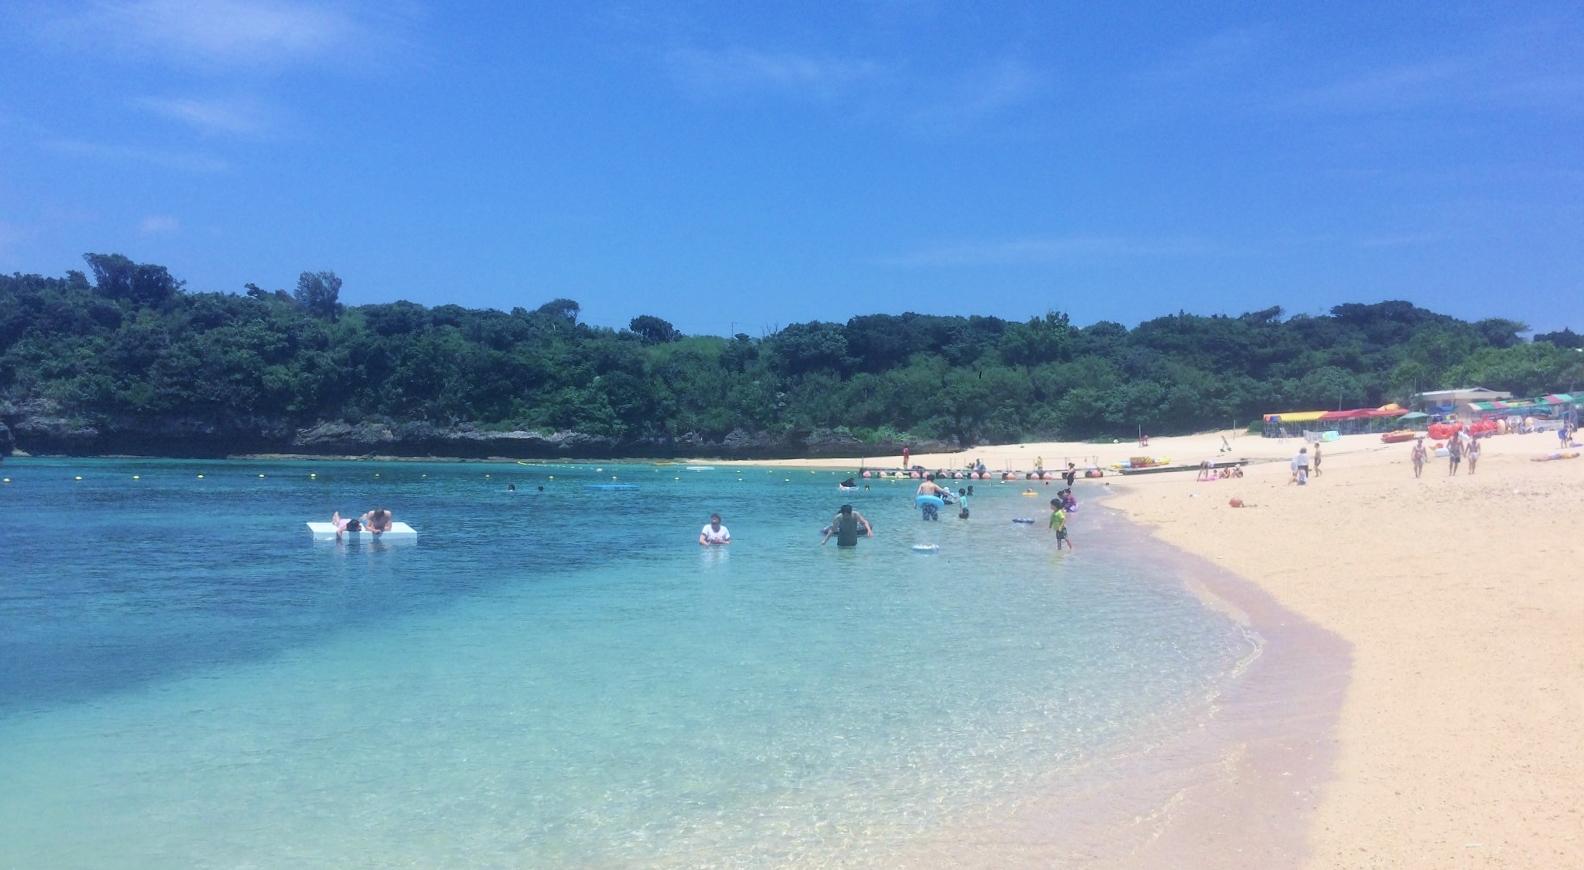 伊計島のおすすめビーチ、伊計ビーチ!駐車場、BBQ、シュノーケリングは?